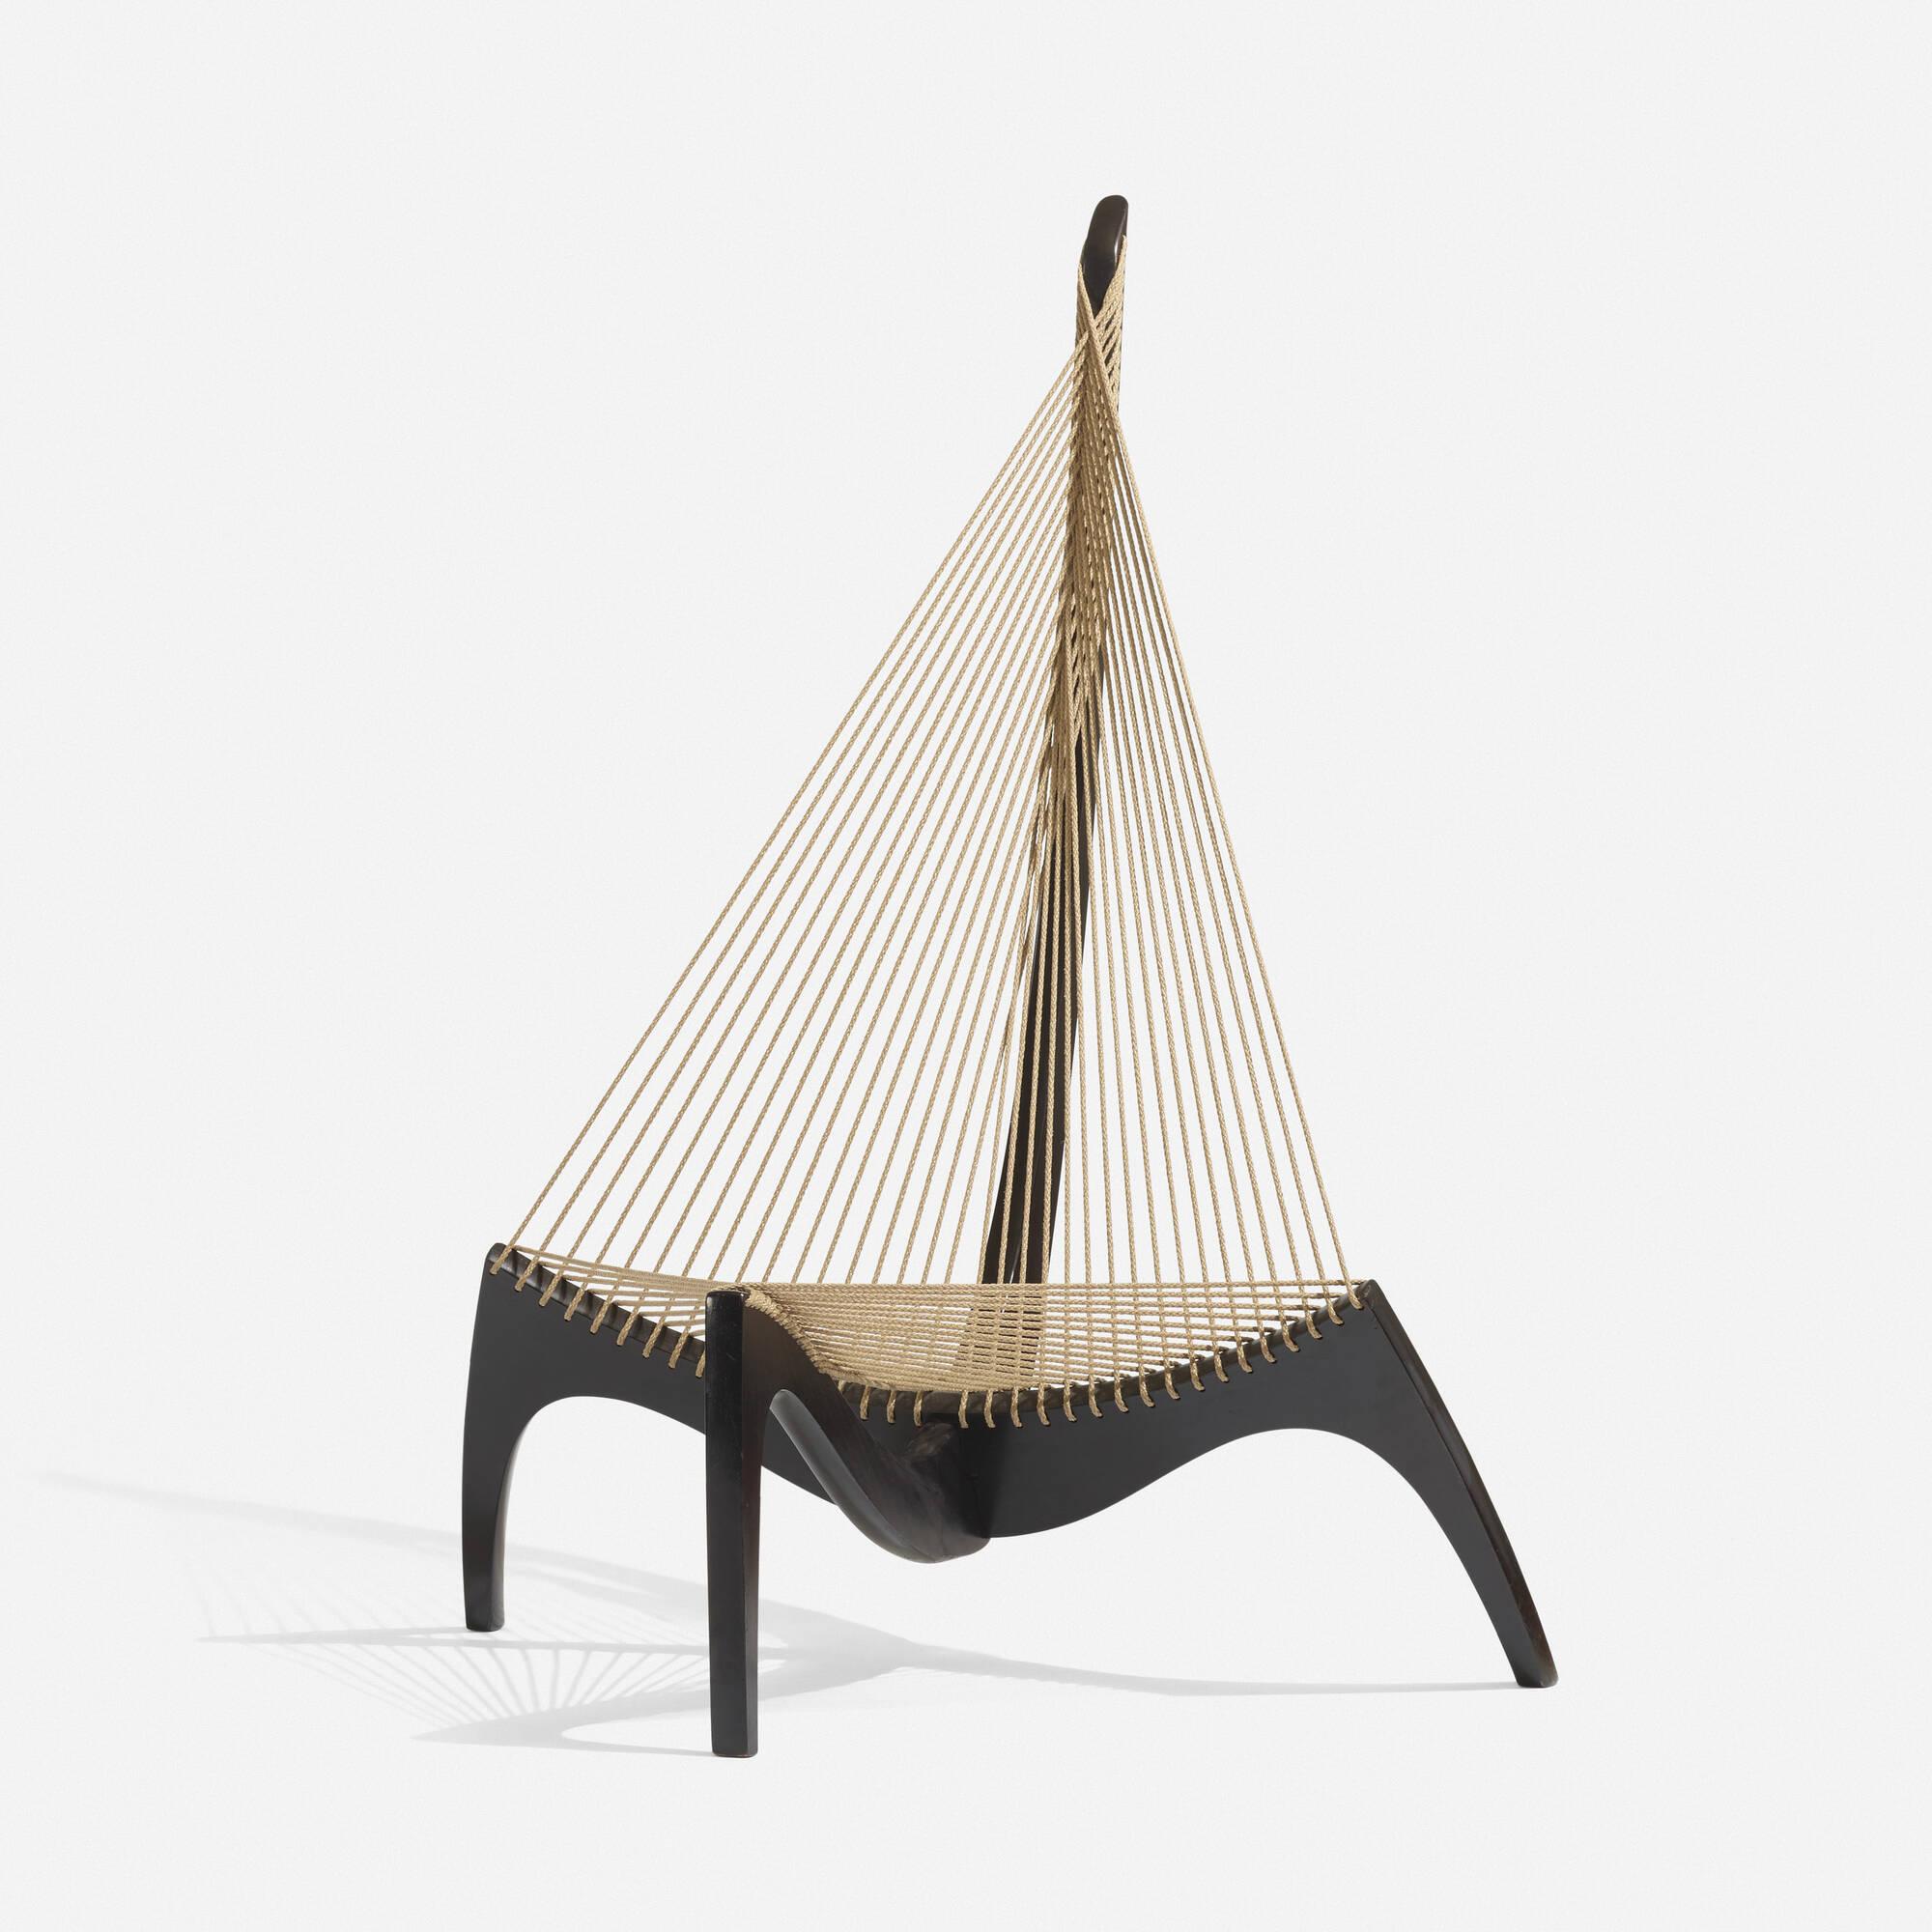 146: Jorgen Hovelskov / Harp chair (1 of 4)